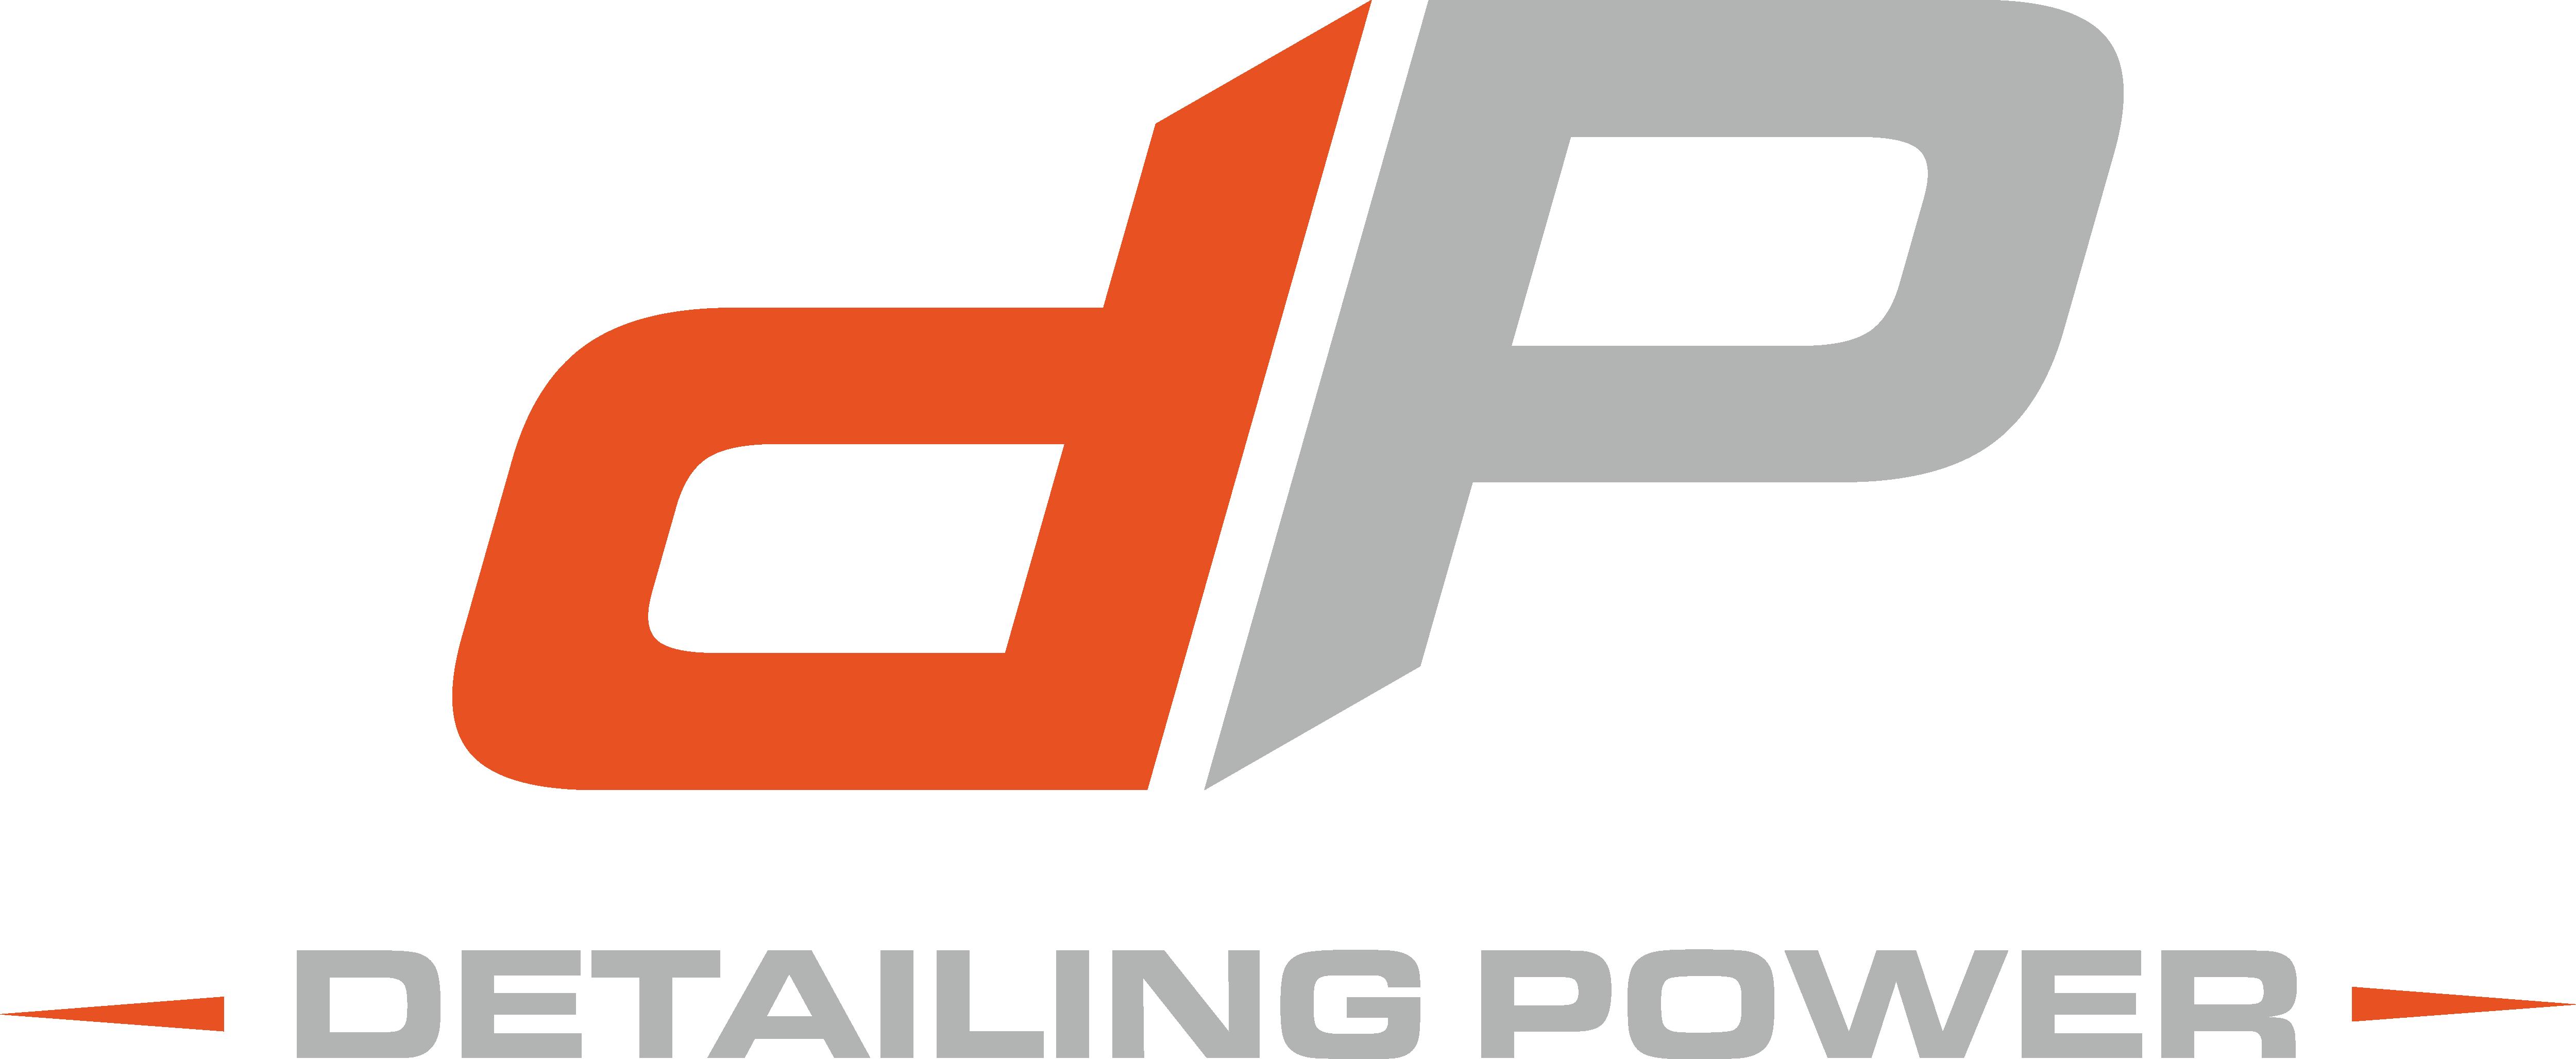 Detailing Power